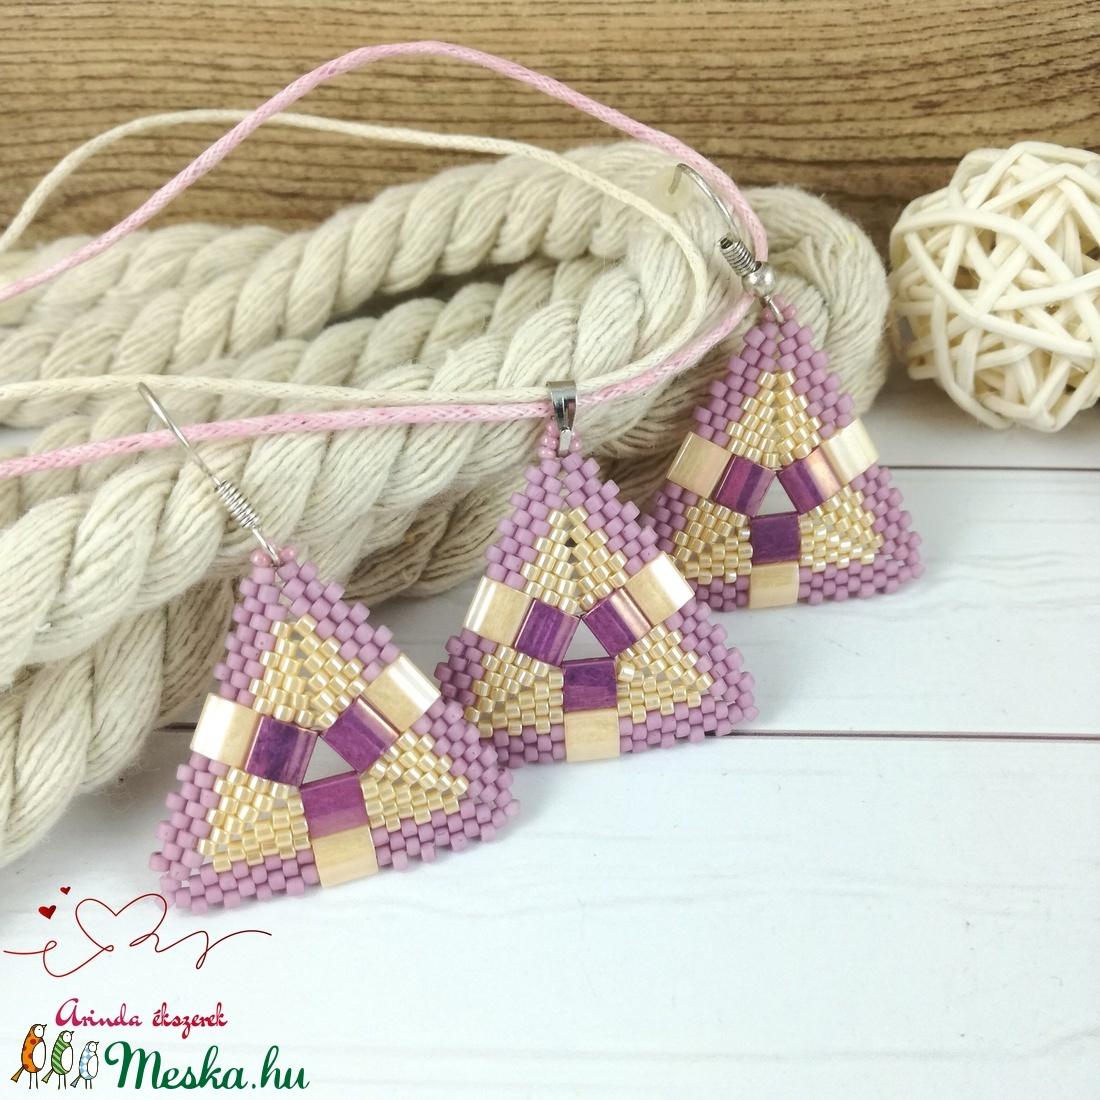 Krém lila egyedi fűzött háromszög nyaklánc fülbevaló egyedi gyöngyékszer nőnek lánynak ballagásra esküvőre hétköznapr - ékszer - ékszerszett - Meska.hu